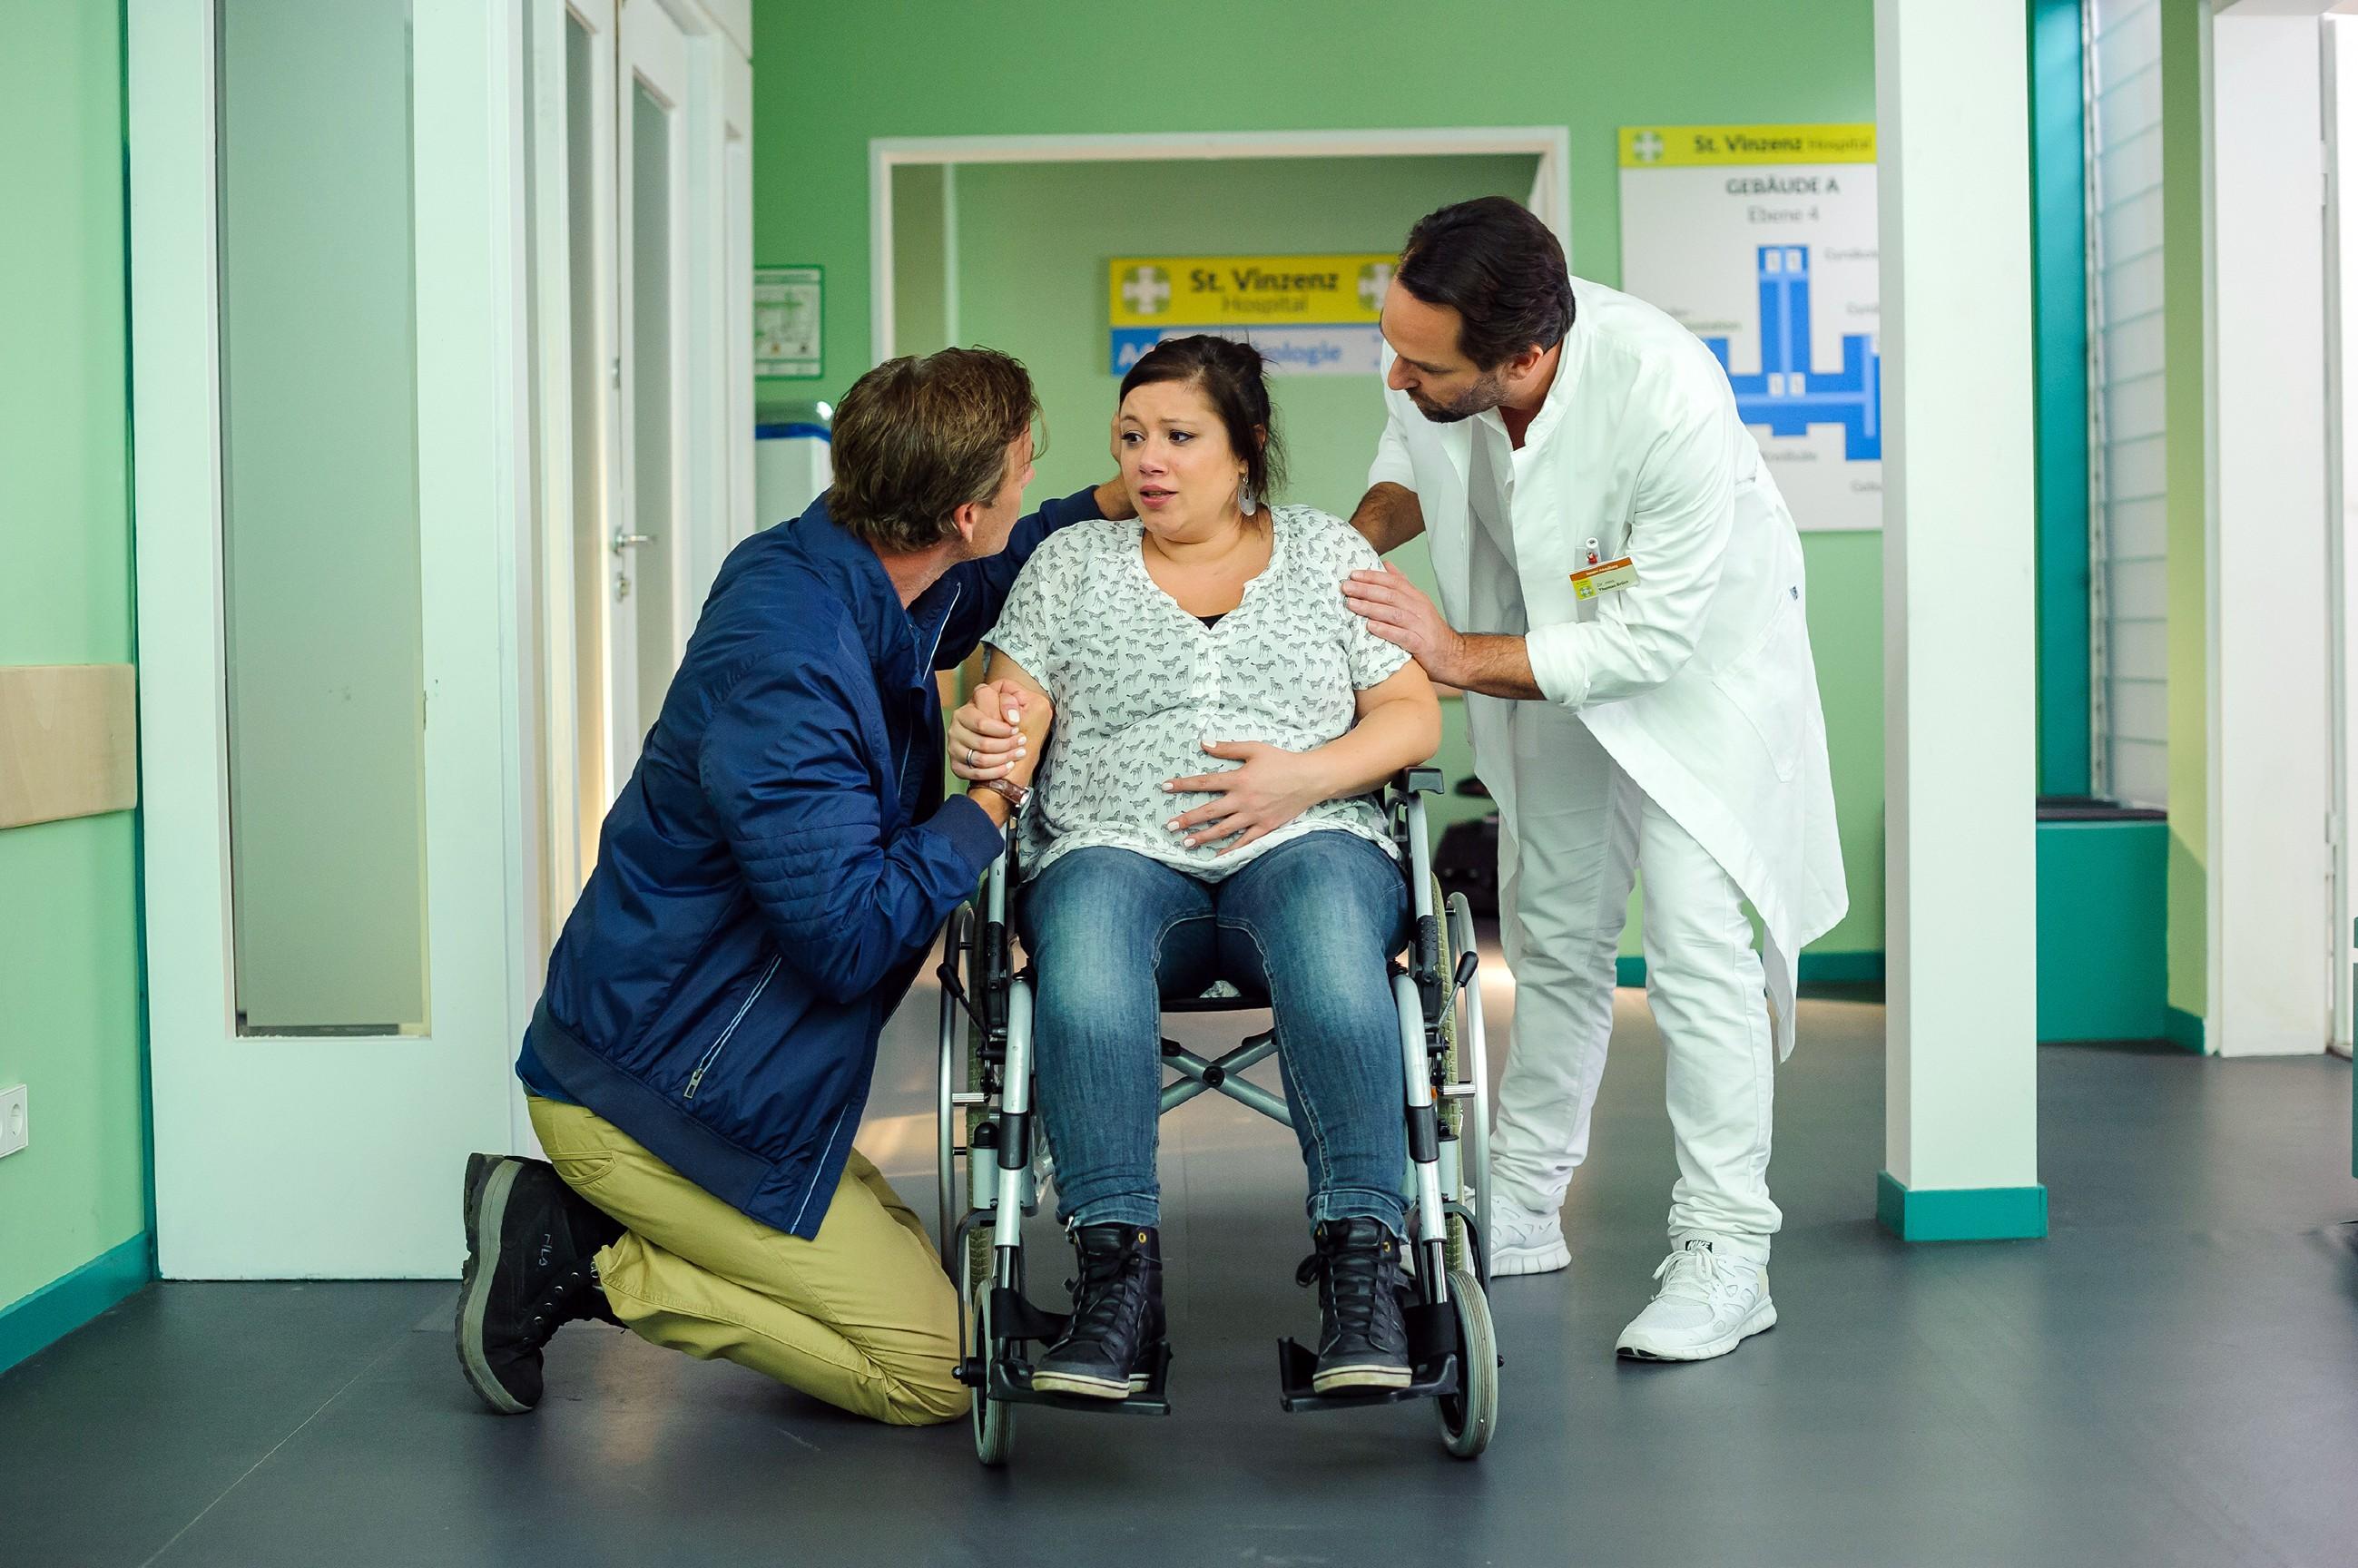 Christoph (Lars Korten, l.) und Vanessa (Julia Augustin) schaffen es rechtzeitig in die Klinik, wo ihnen verängstigt klar wird, dass ihr Baby jetzt zur Welt kommt. Thomas (Daniel Brockhaus) versucht sie zu beruhigen. (Quelle: RTL / Julia Feldhagen)